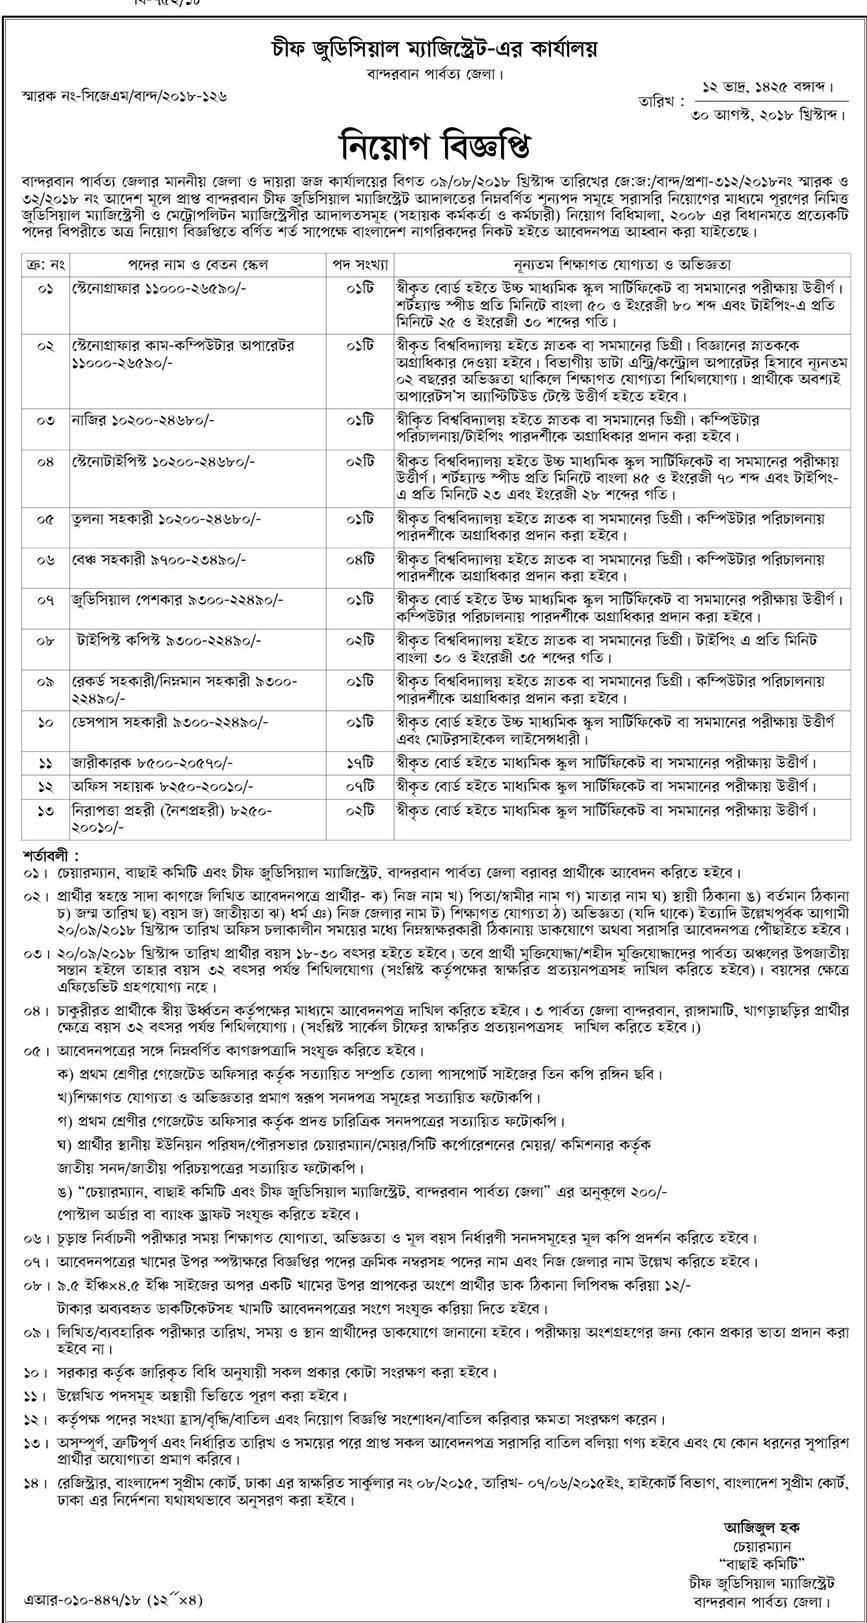 Chief Judicial Magistrate Court Job Circular 2018